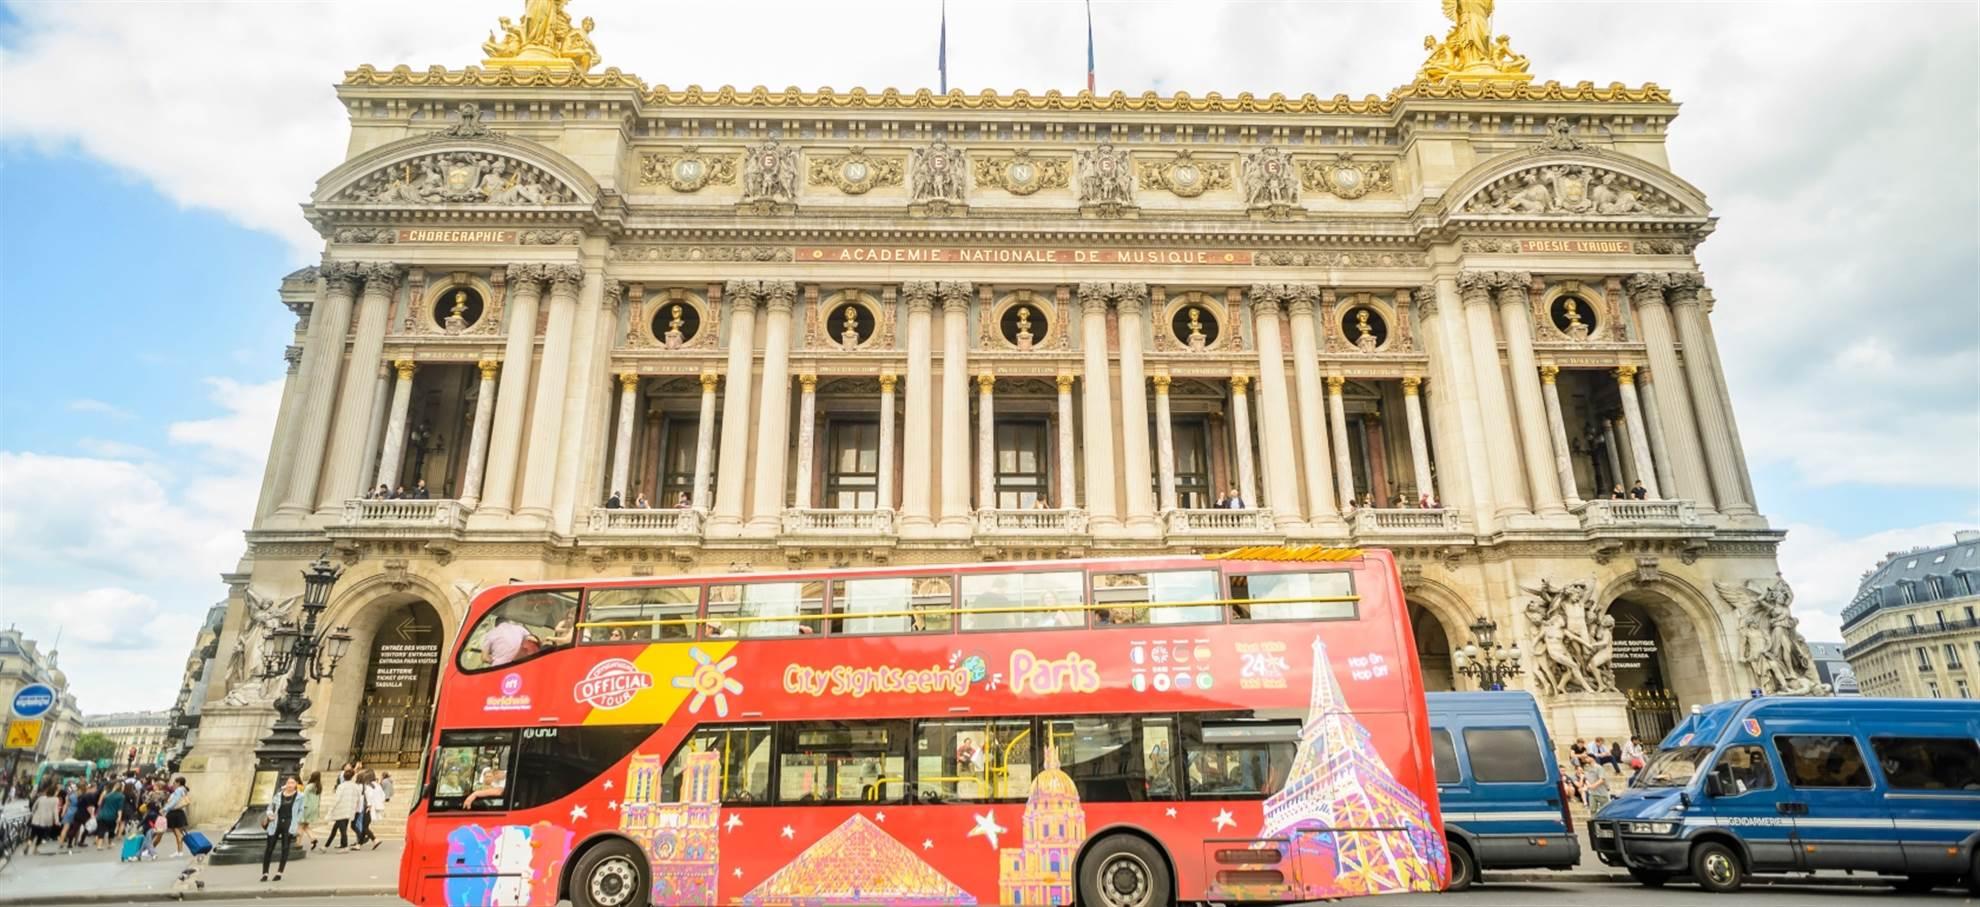 Paris Hop on Hop off Bus